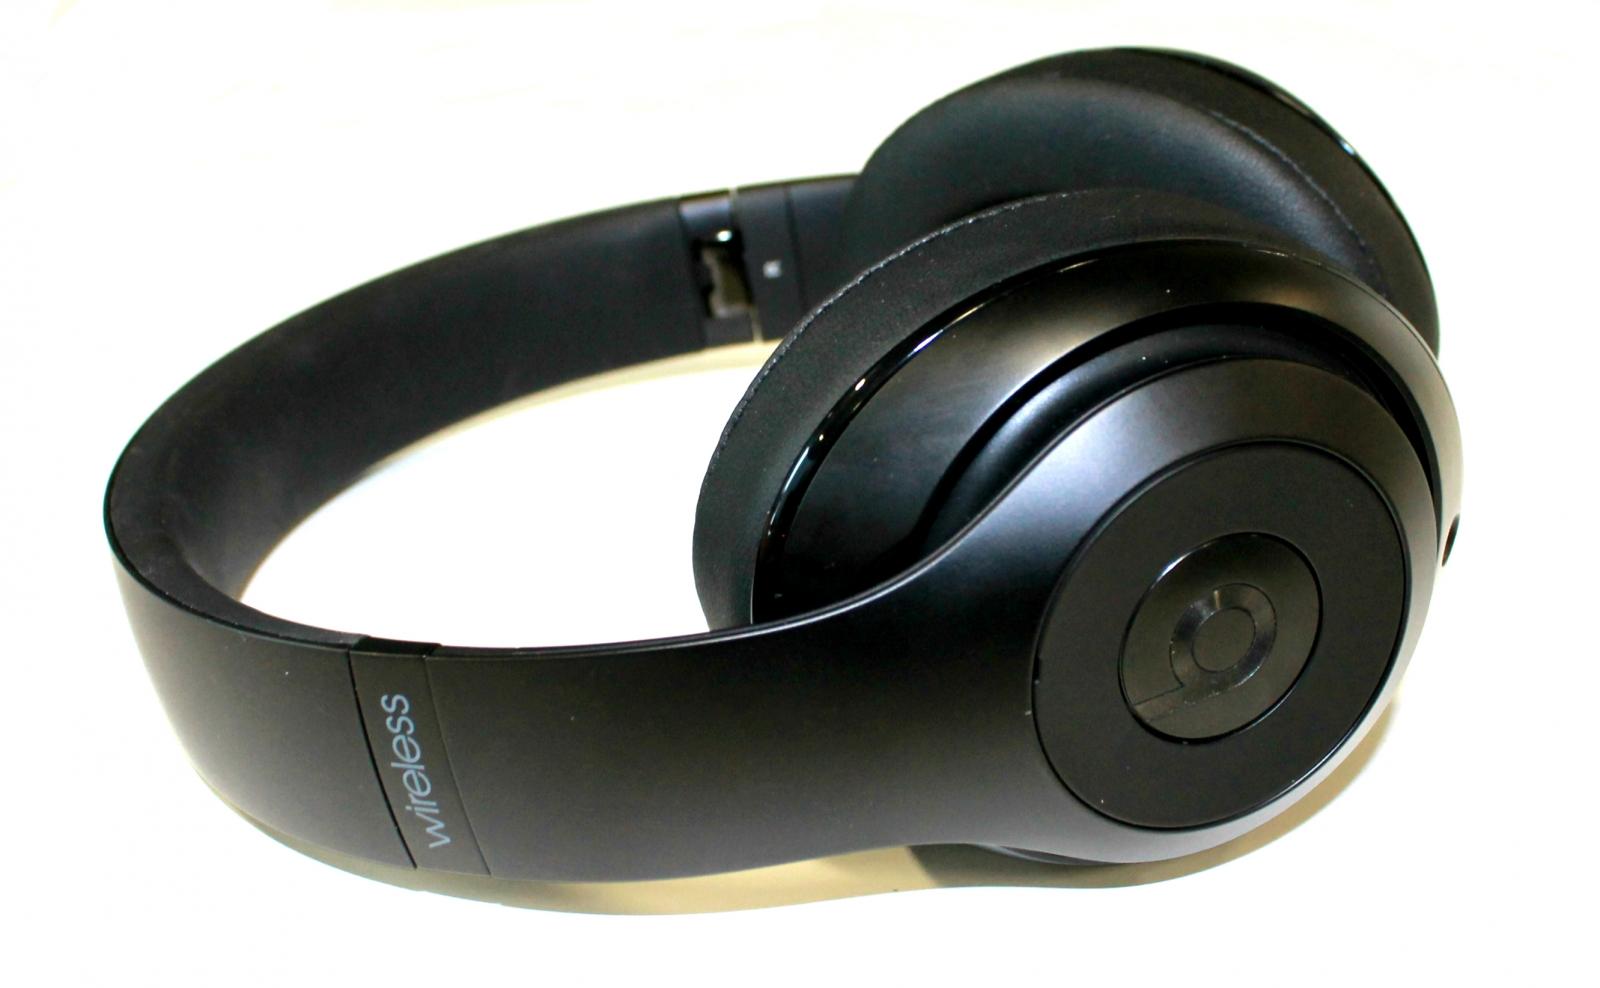 Beats headphones wireless adaptor - beats headphones wired skin